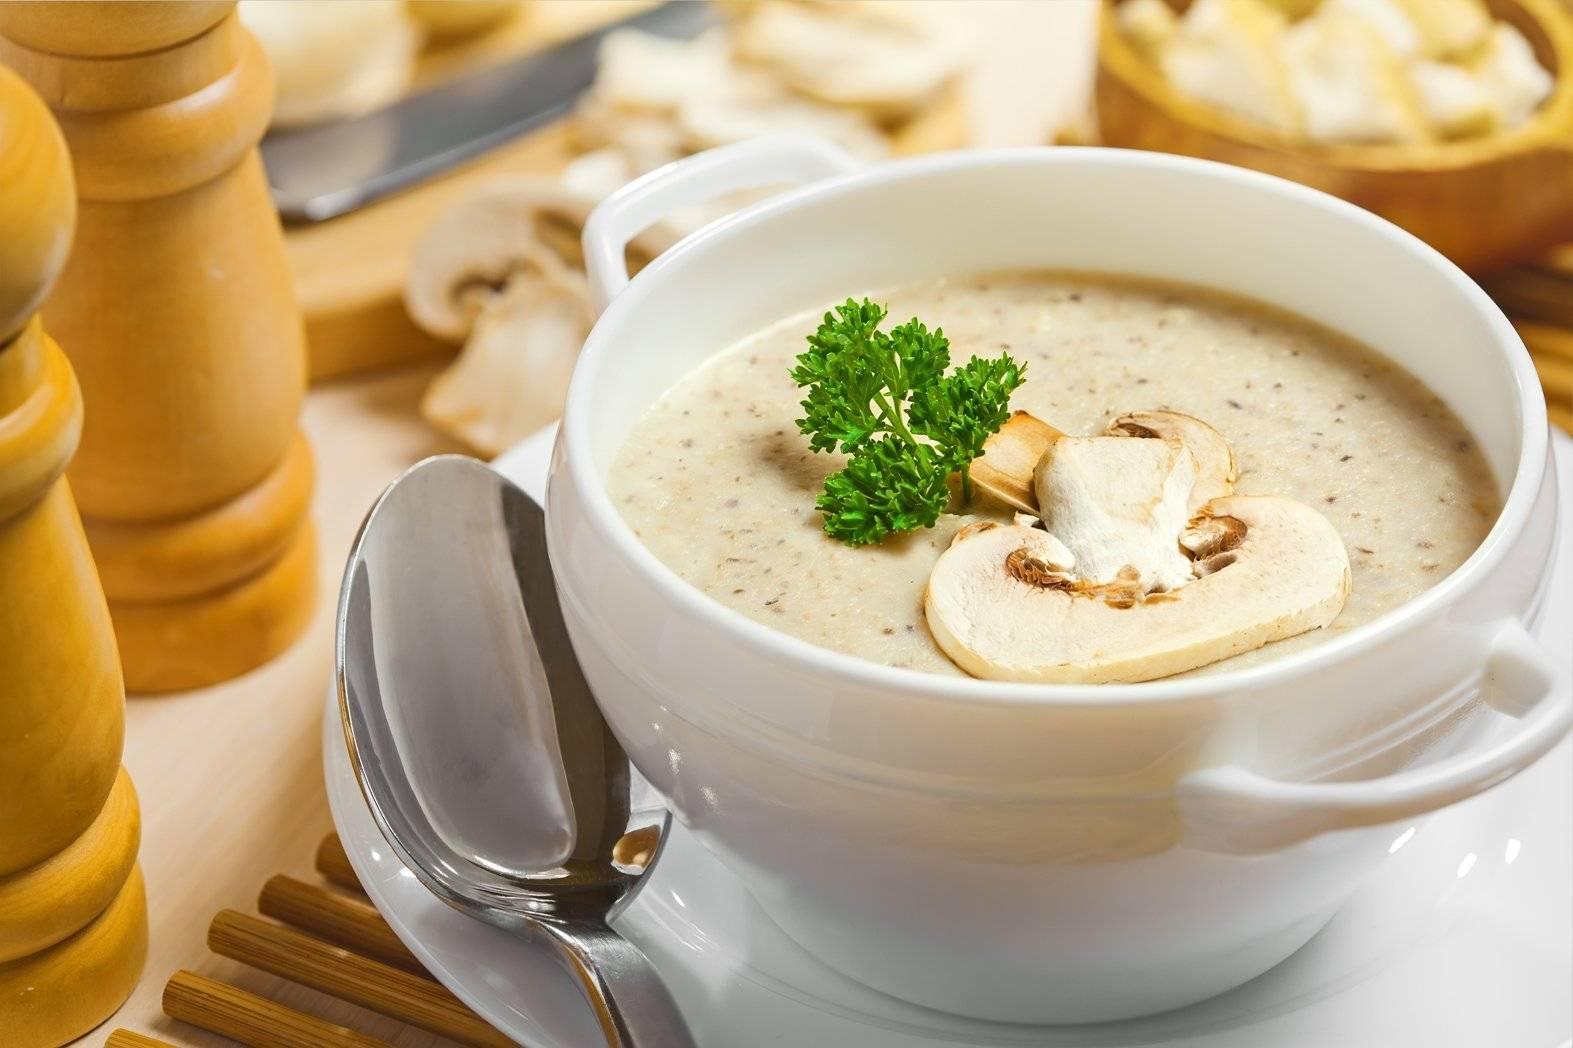 Суп-пюре — пошаговые рецепты приготовления в домашних условиях